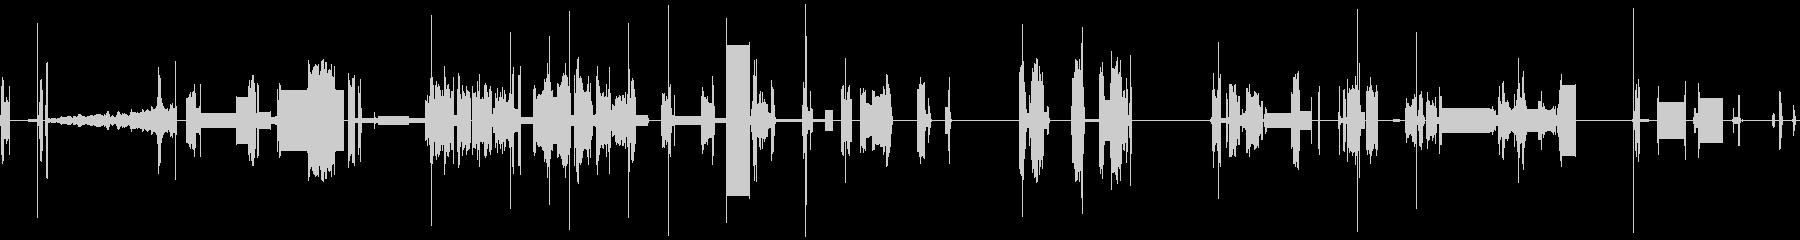 ゴーカート;遠方(数)、L / S...の未再生の波形